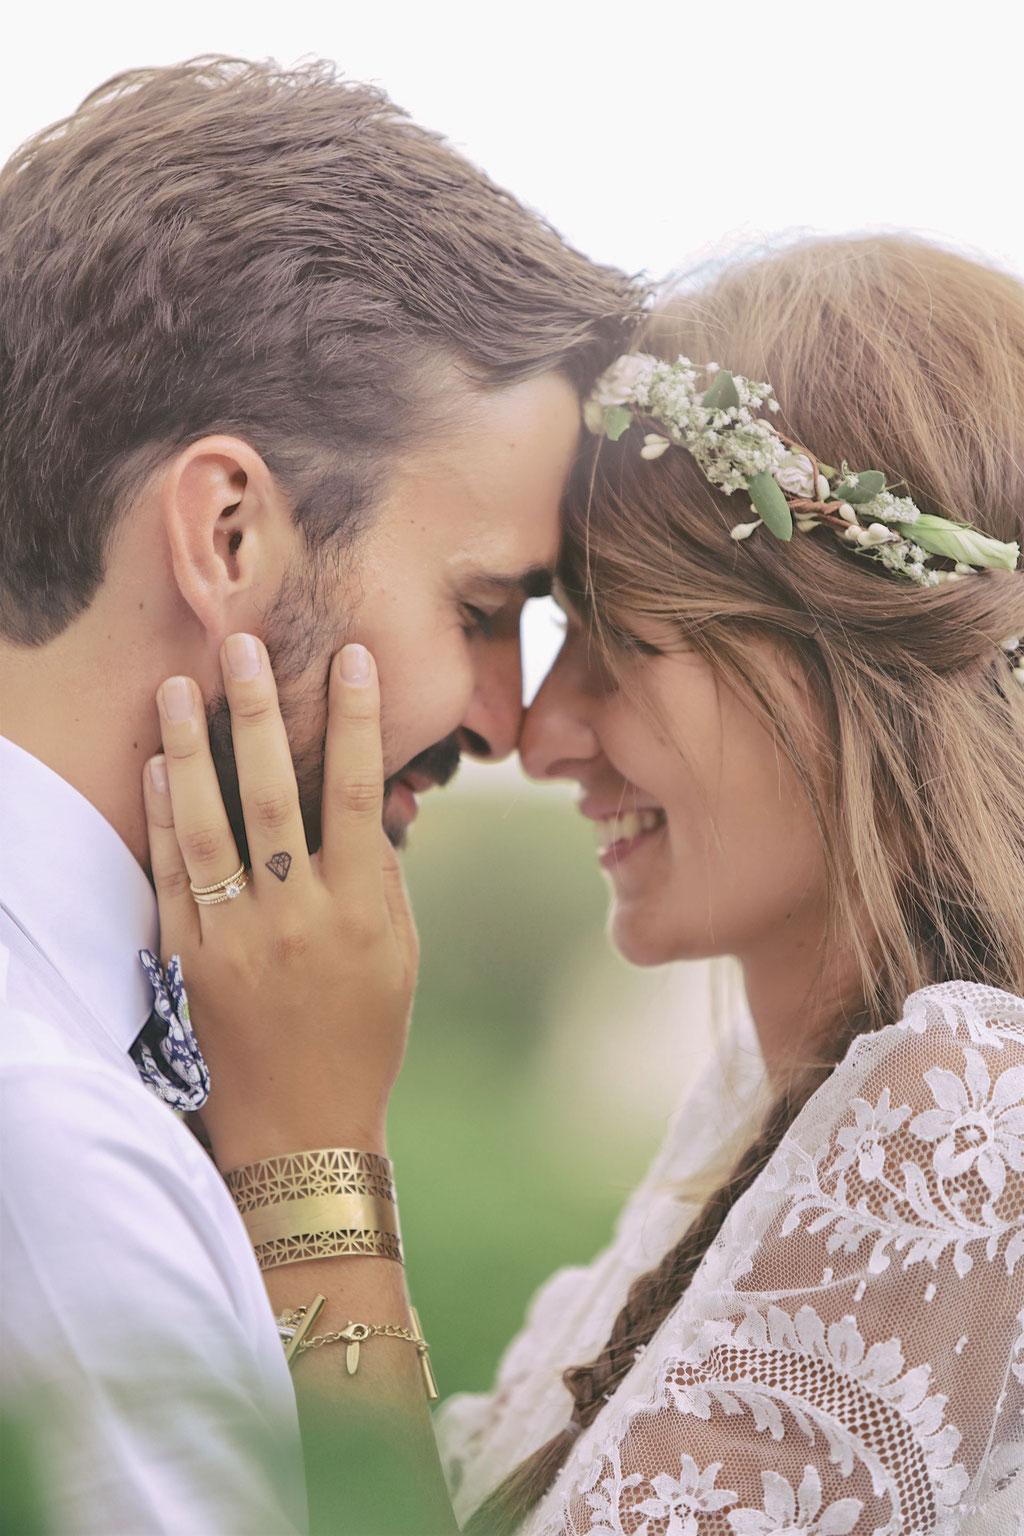 mariage bohème romantique champêtre